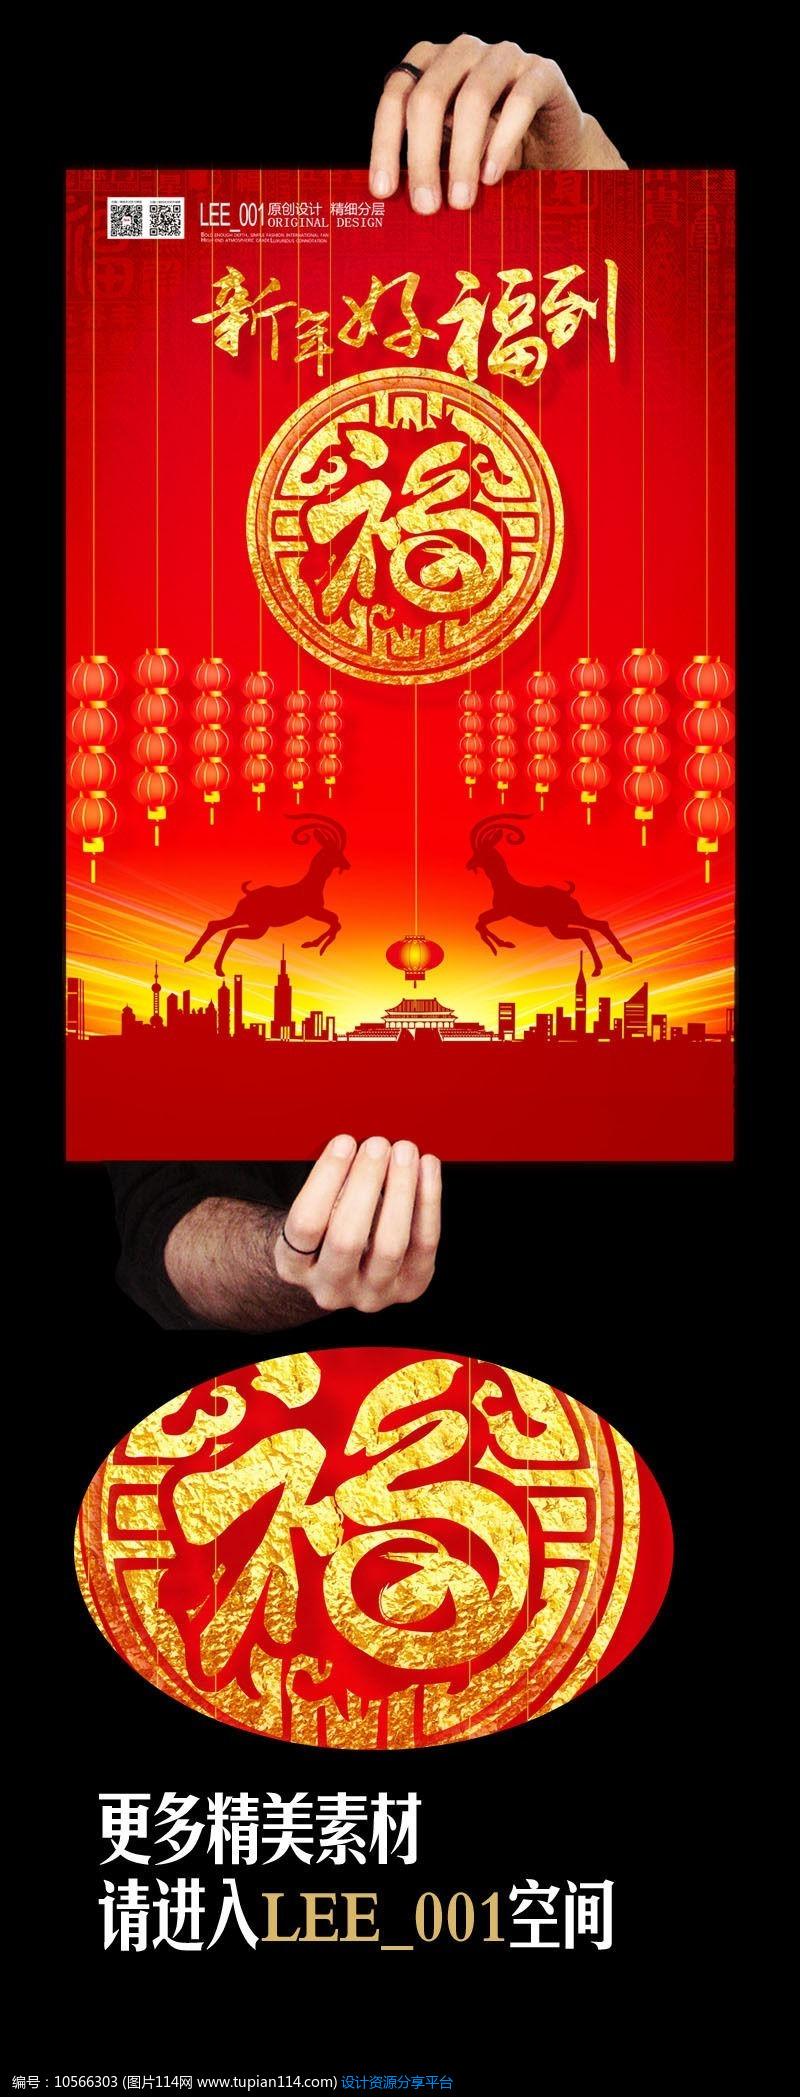 [原创] 福字2015年春节创意海报设计